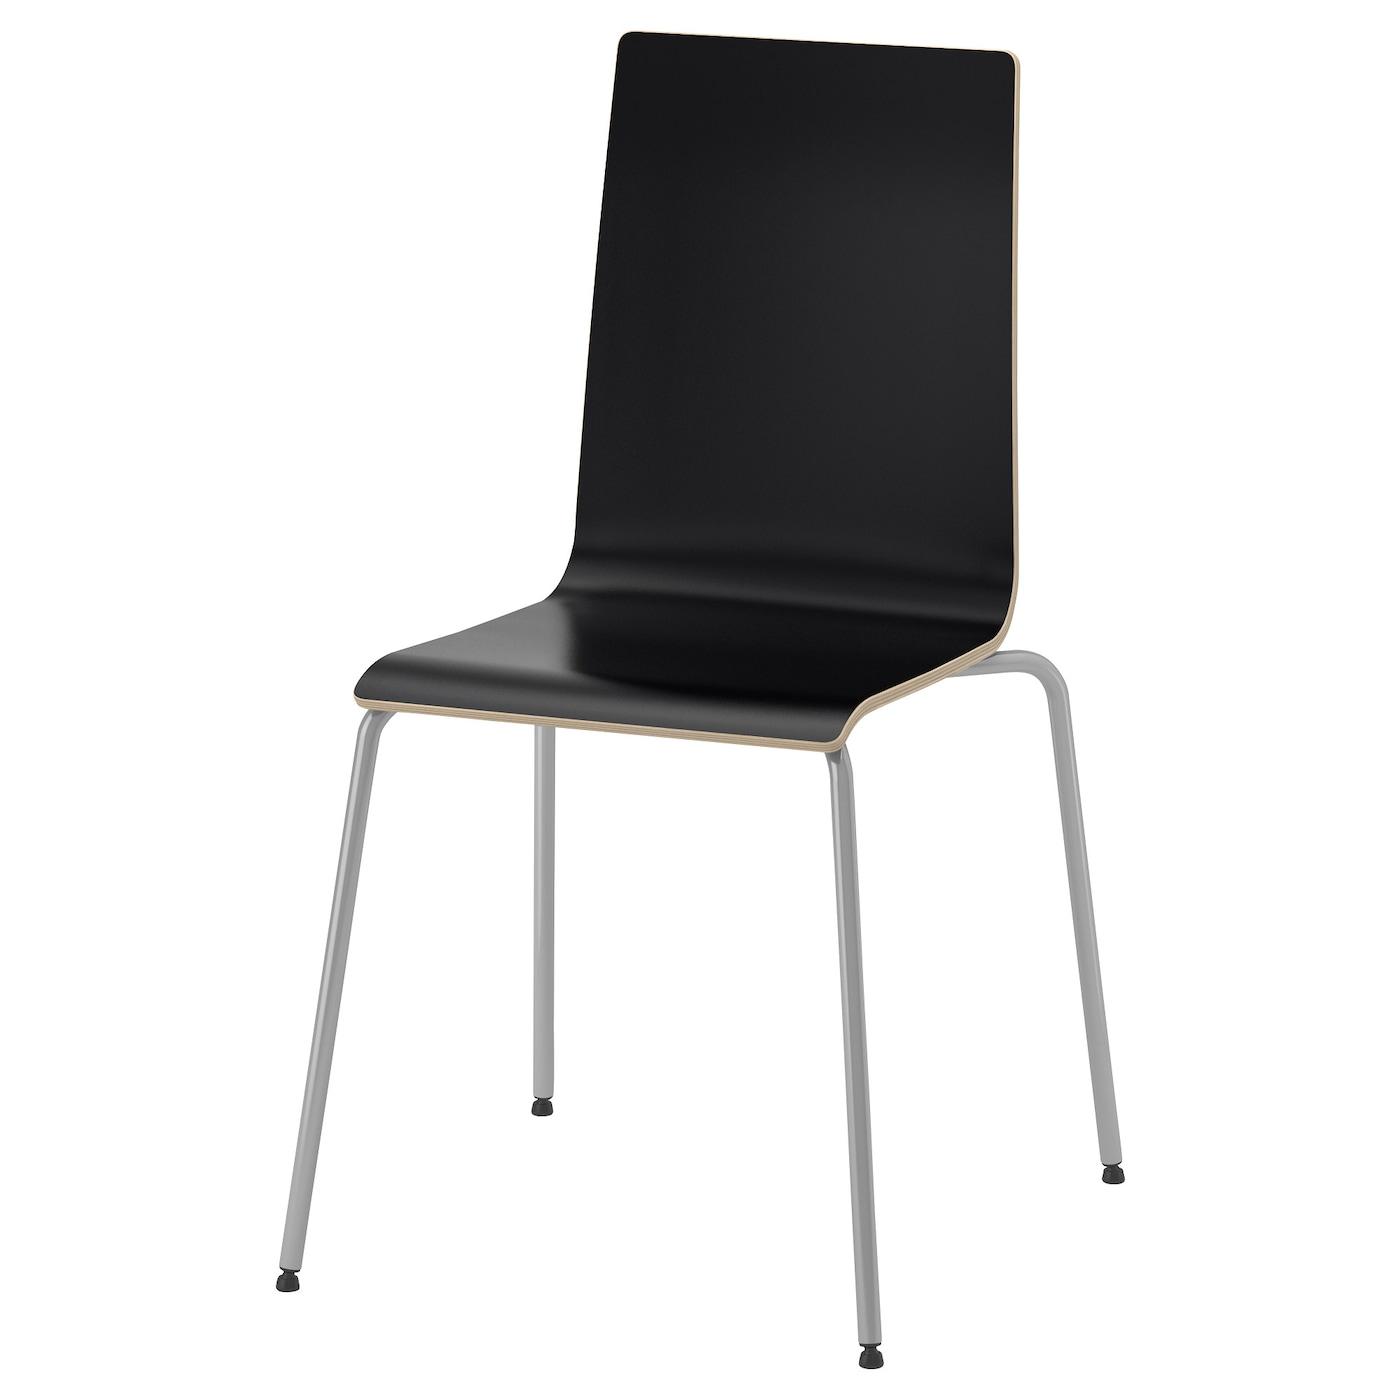 MARTIN Chair Silver colour black IKEA